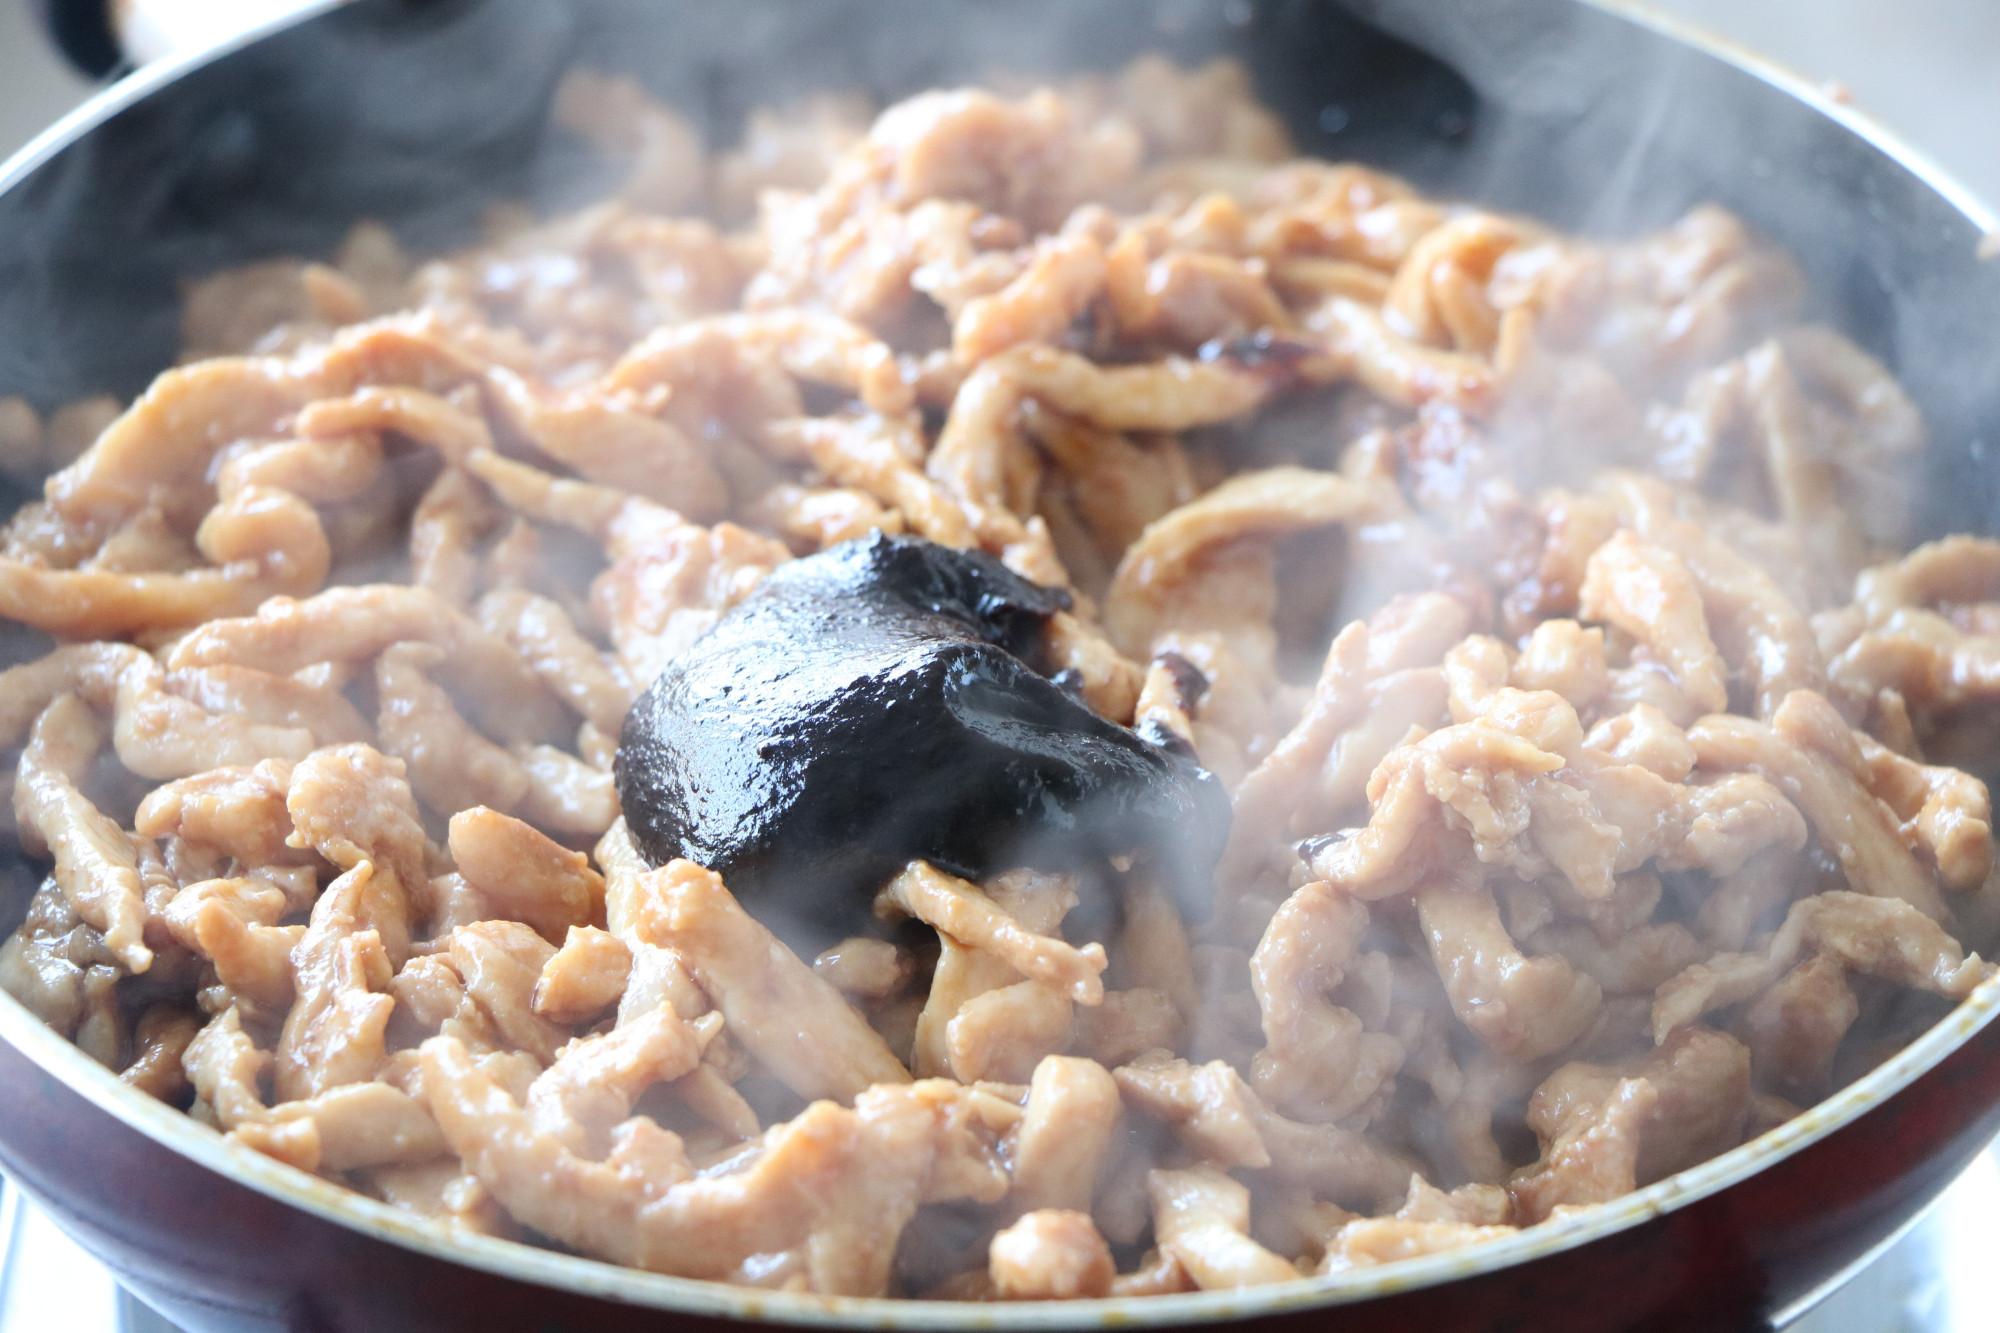 早餐别吃煎饼了,试试这款,有菜有肉,营养丰富,好吃不上火